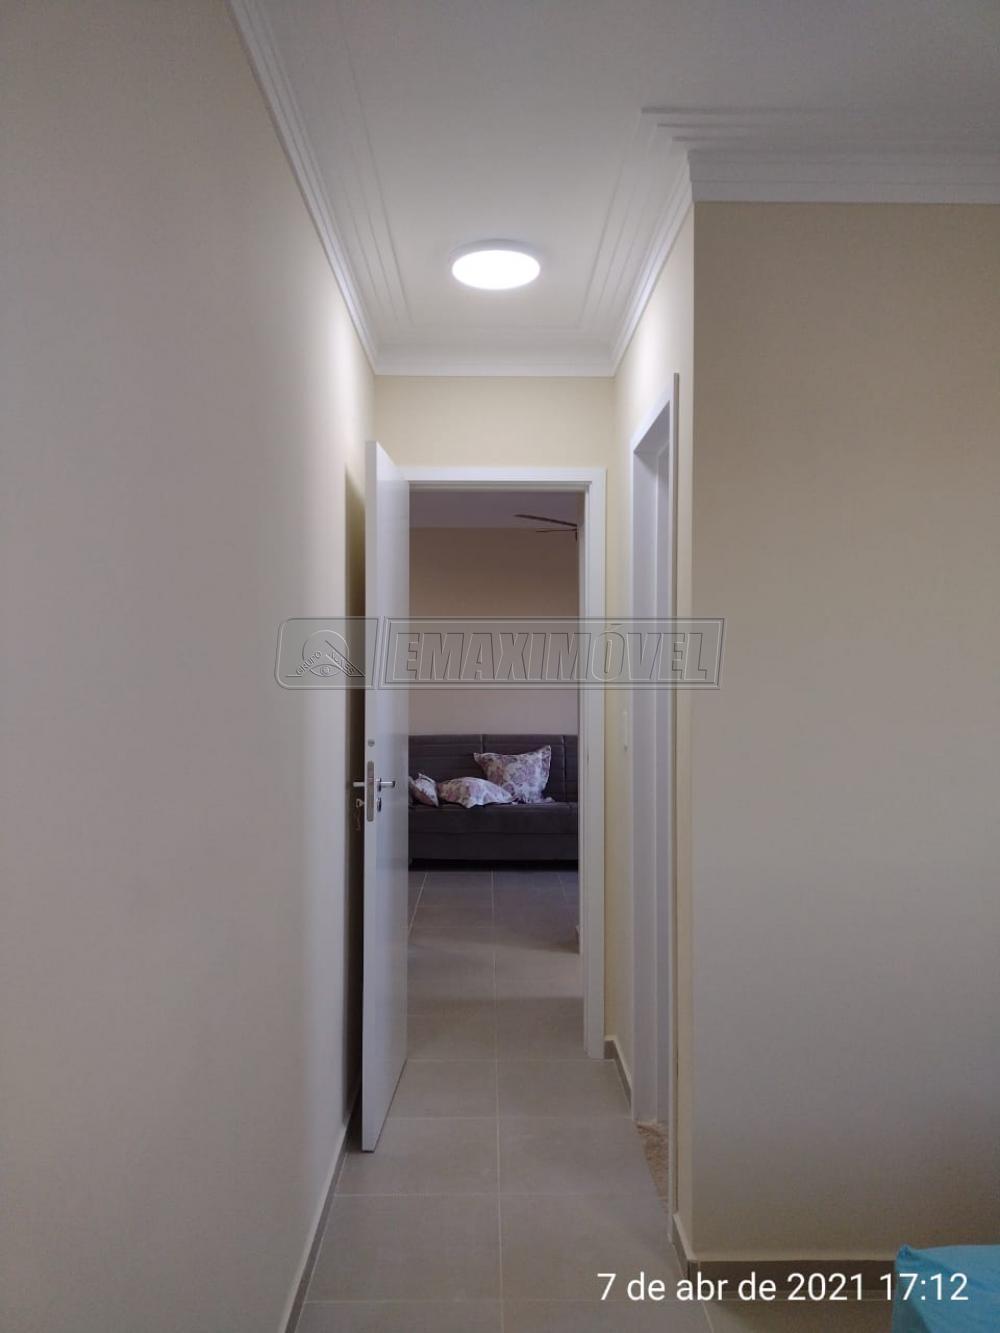 Comprar Apartamentos / Apto Padrão em Sorocaba R$ 280.000,00 - Foto 24